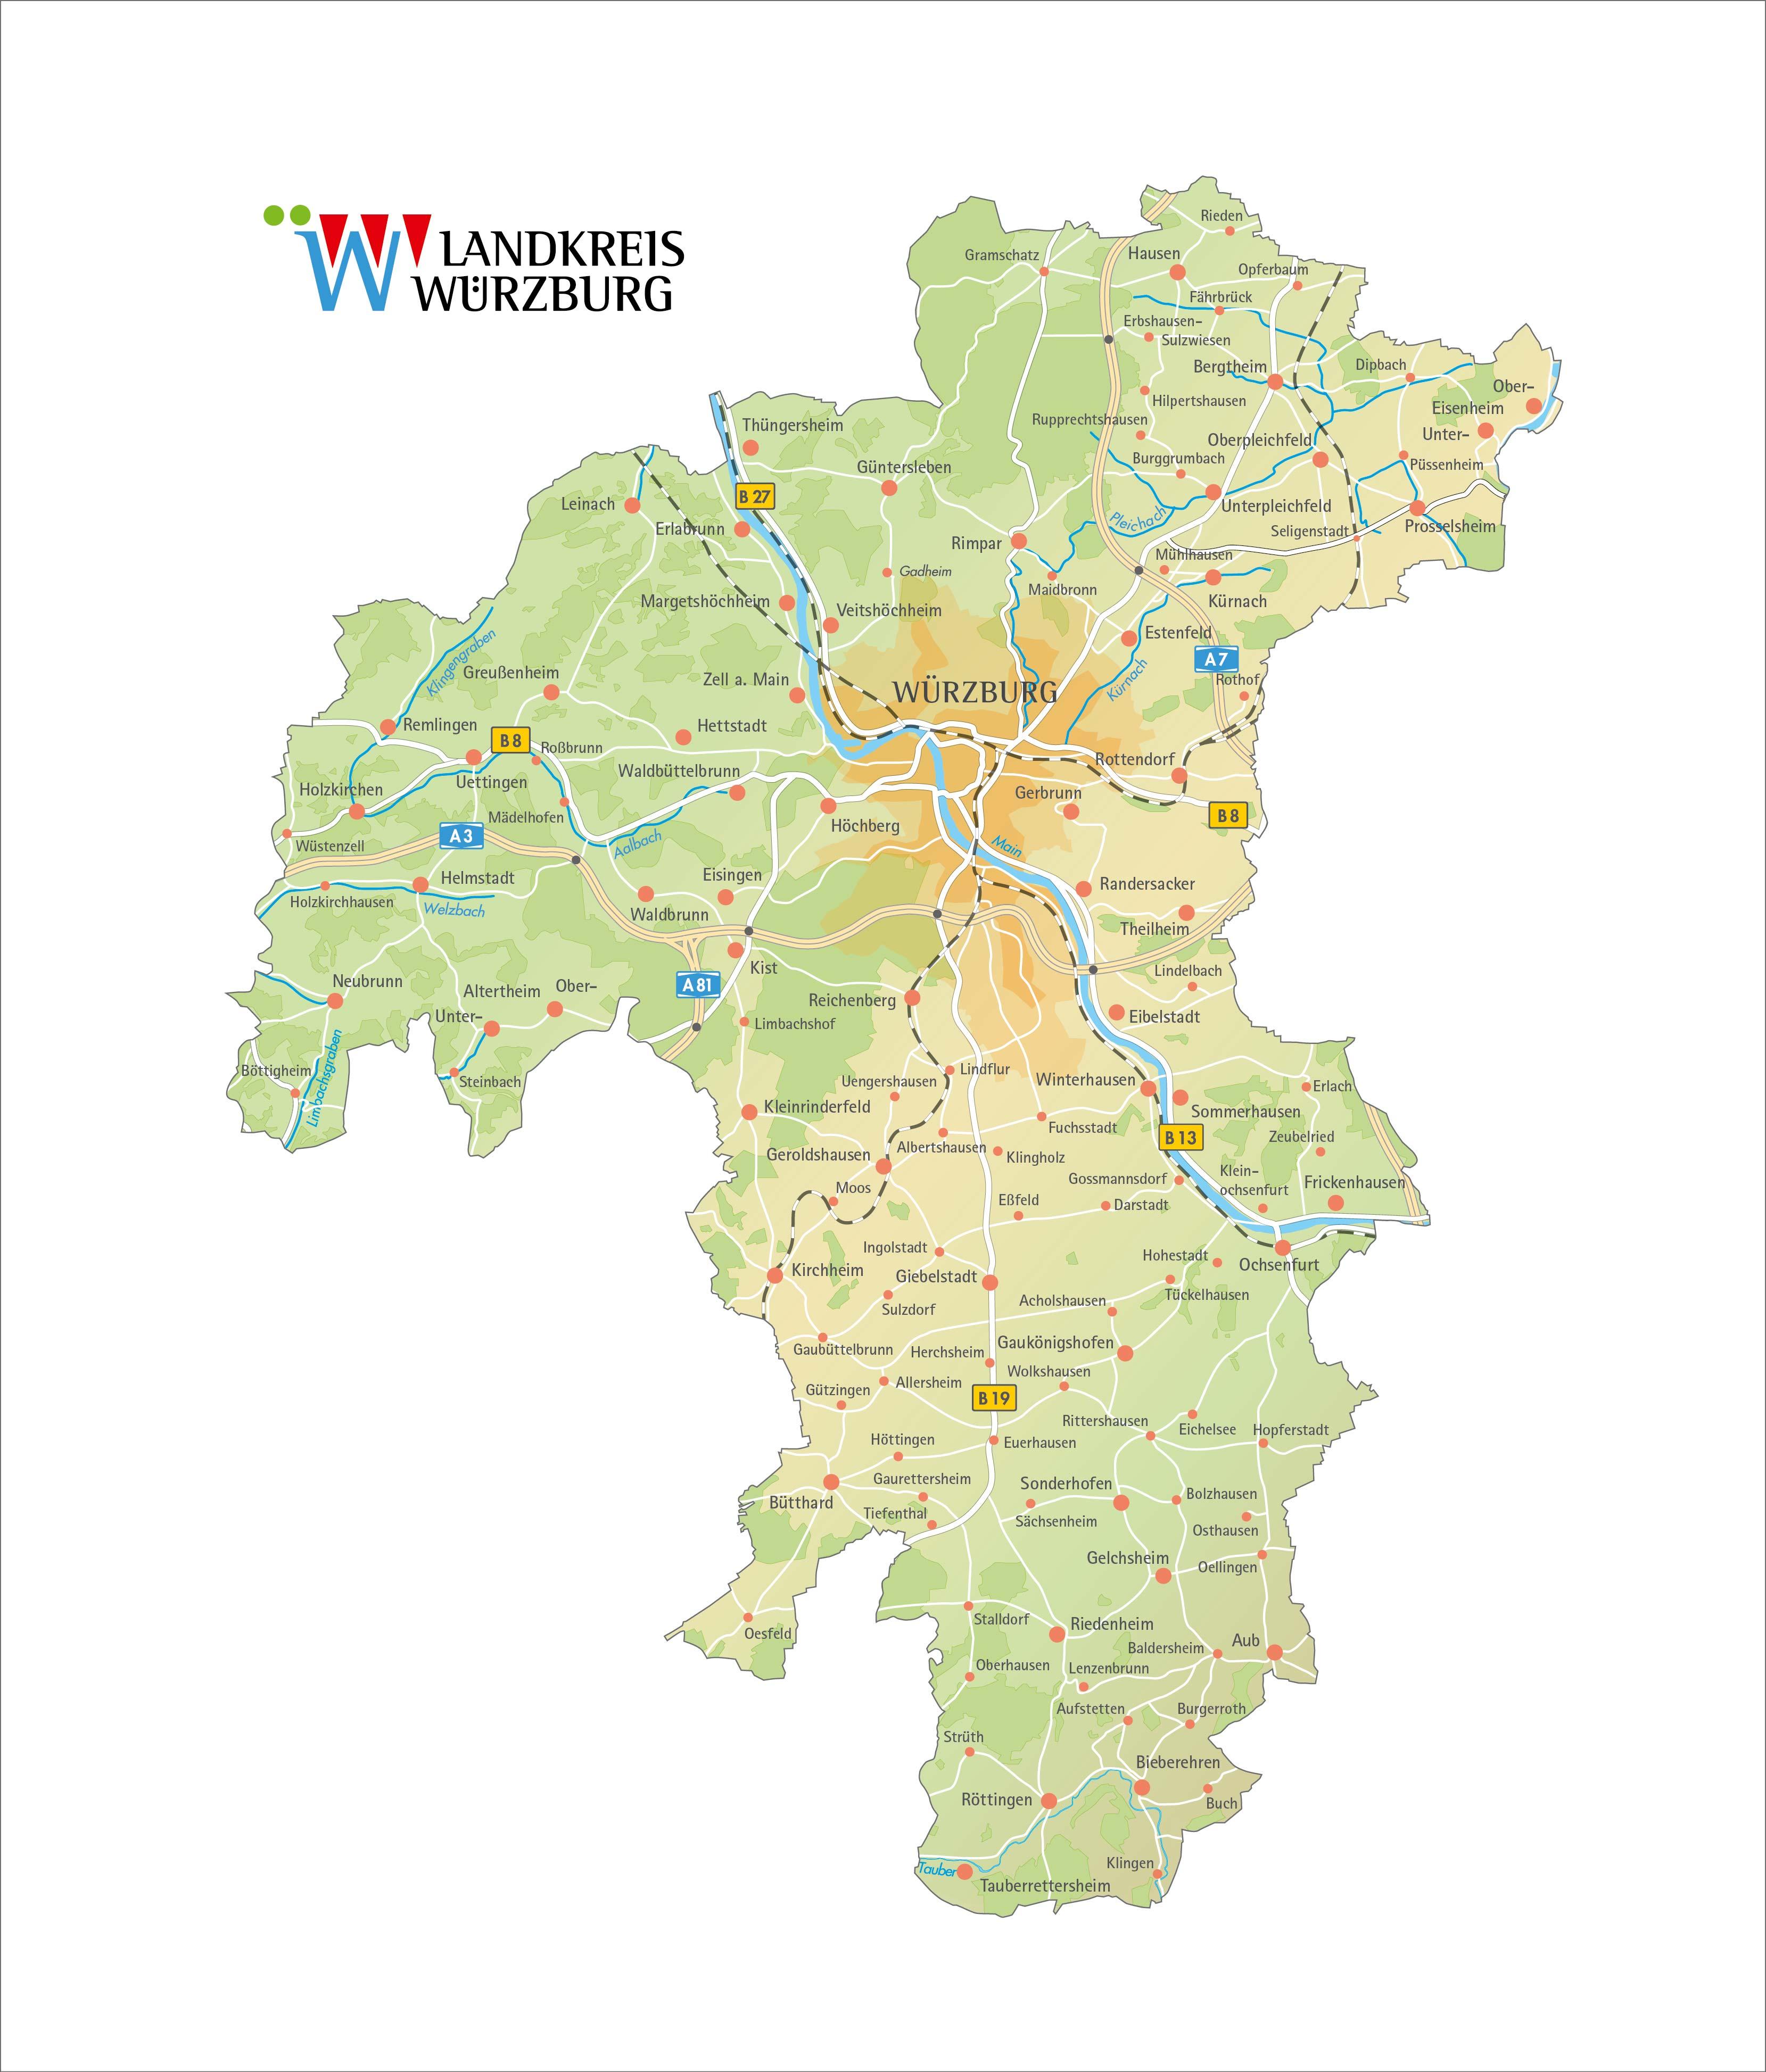 Landkreis Würzburg Karte.Pressestelle Landkreis Würzburg